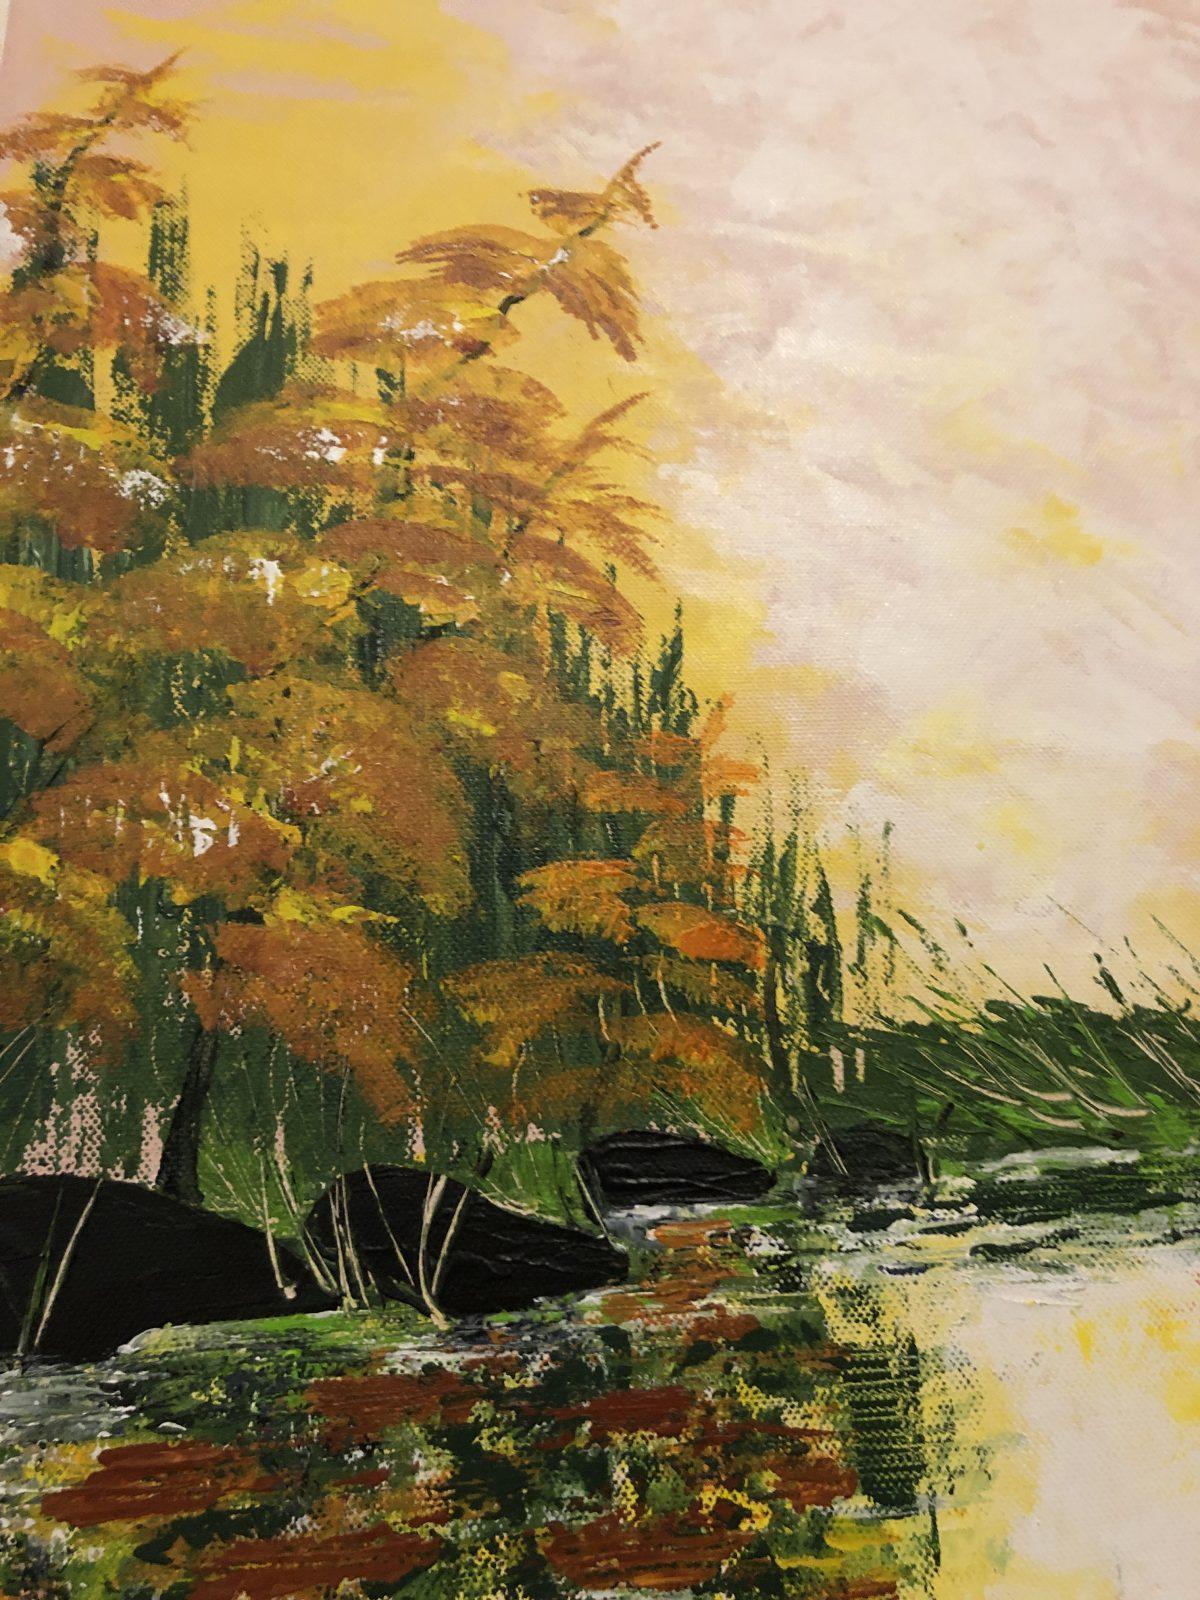 L'automne doré au lac de Kate_Art, gros plan côté gauche du tableau